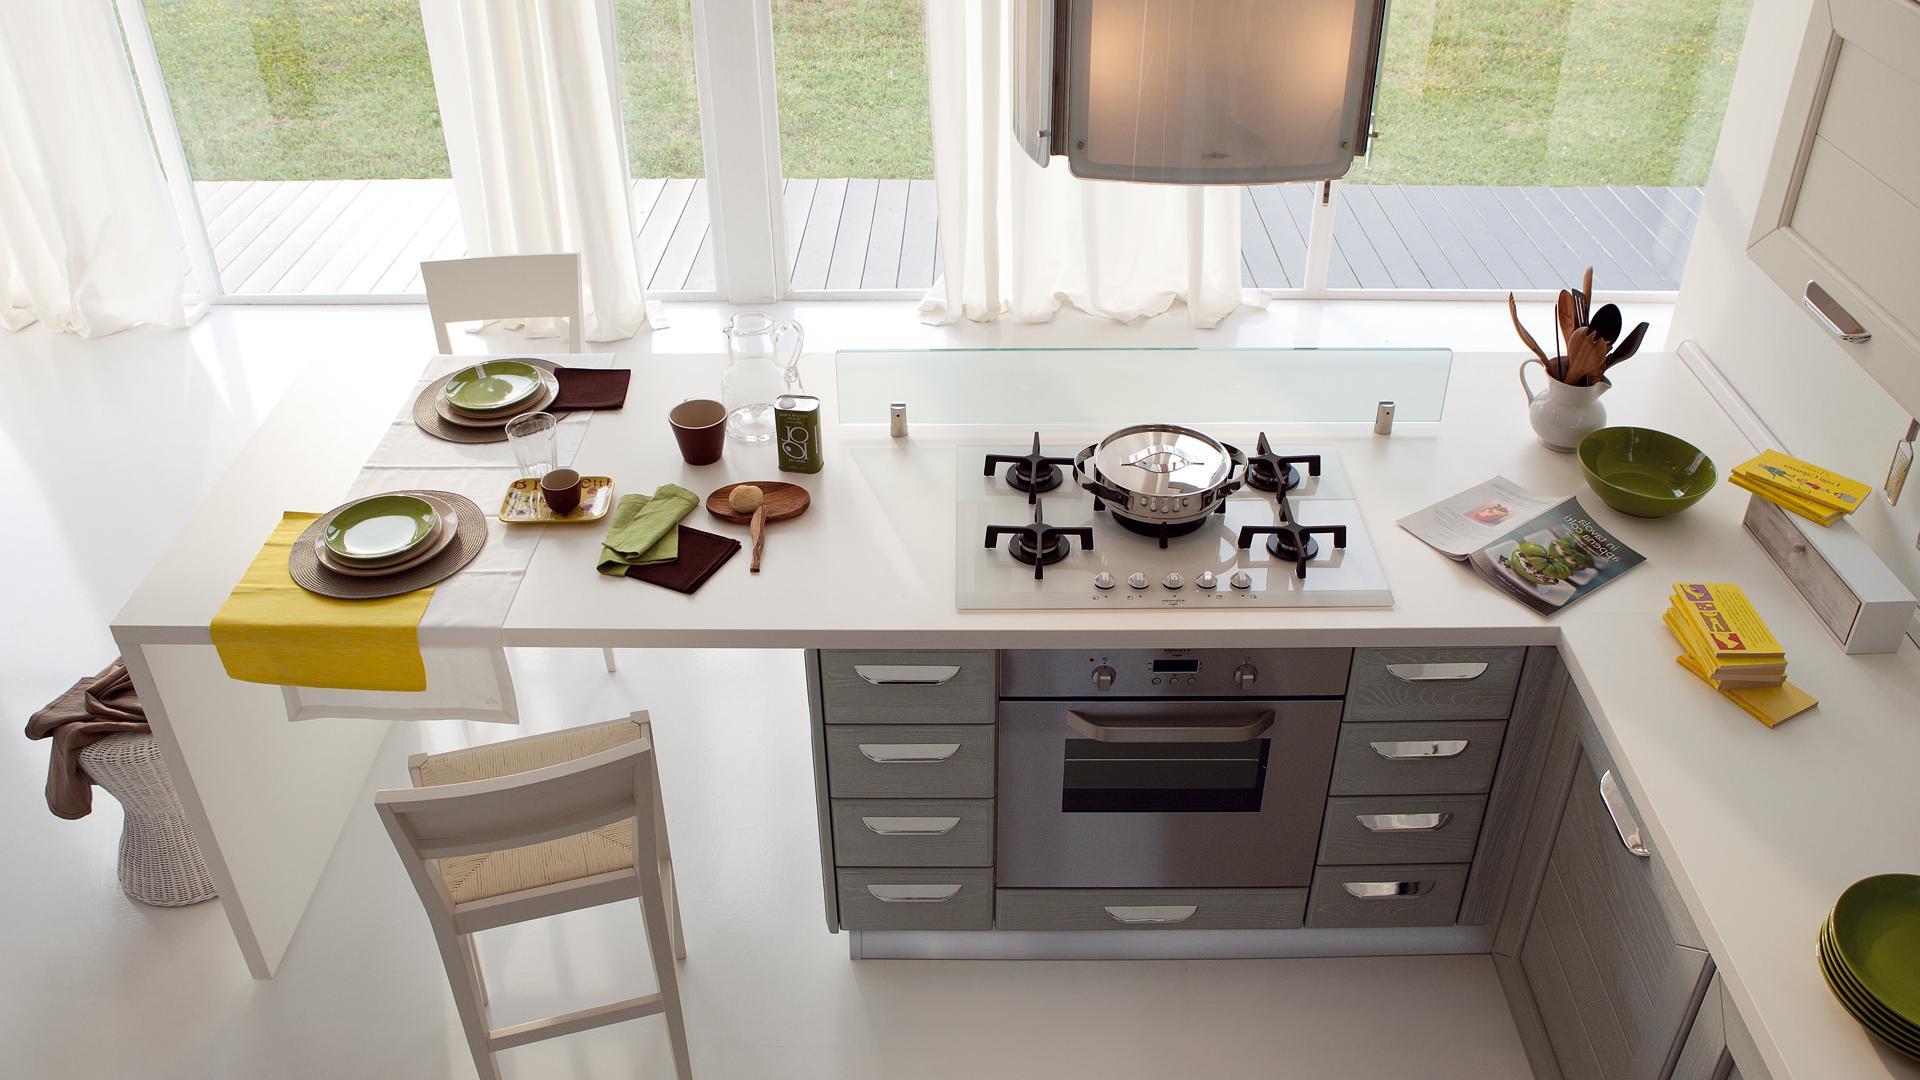 www.rizzoarreda.com/Rizzo_Images/Cucine/Classica_C...